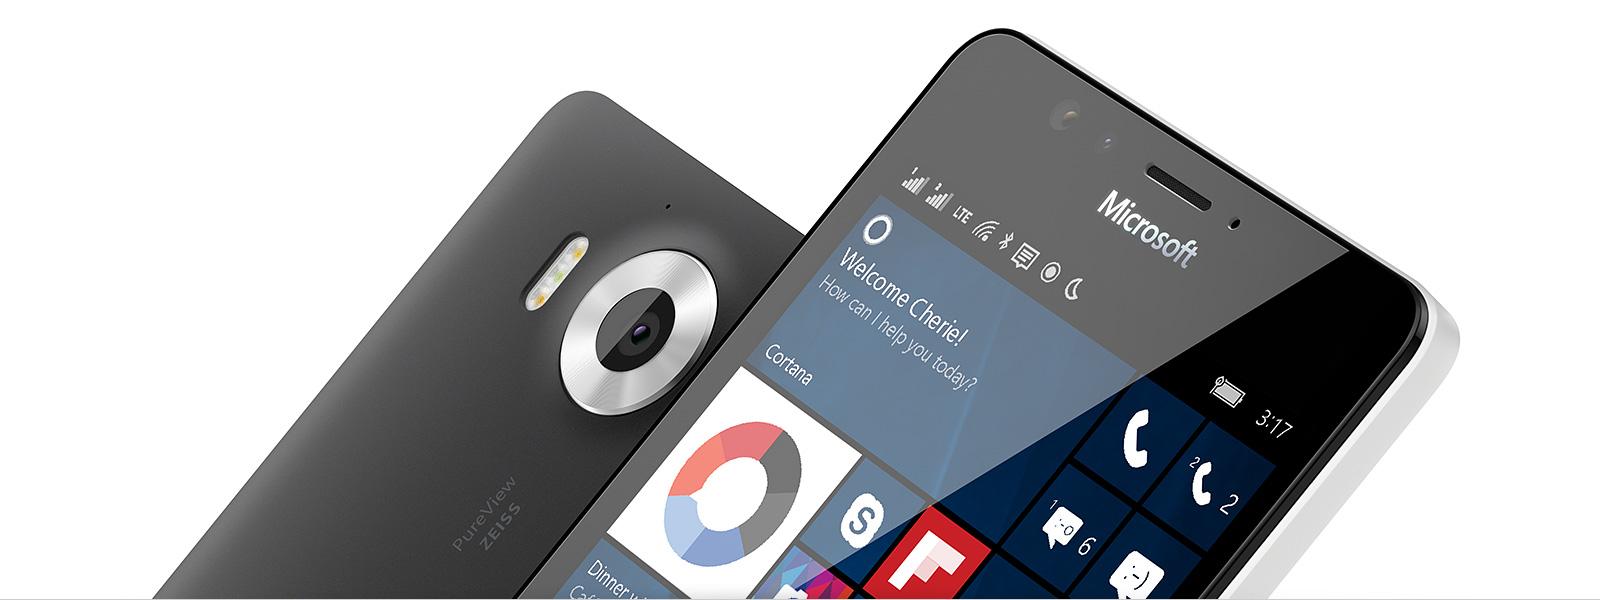 Smartfony zsystemem Windows10 Mobile